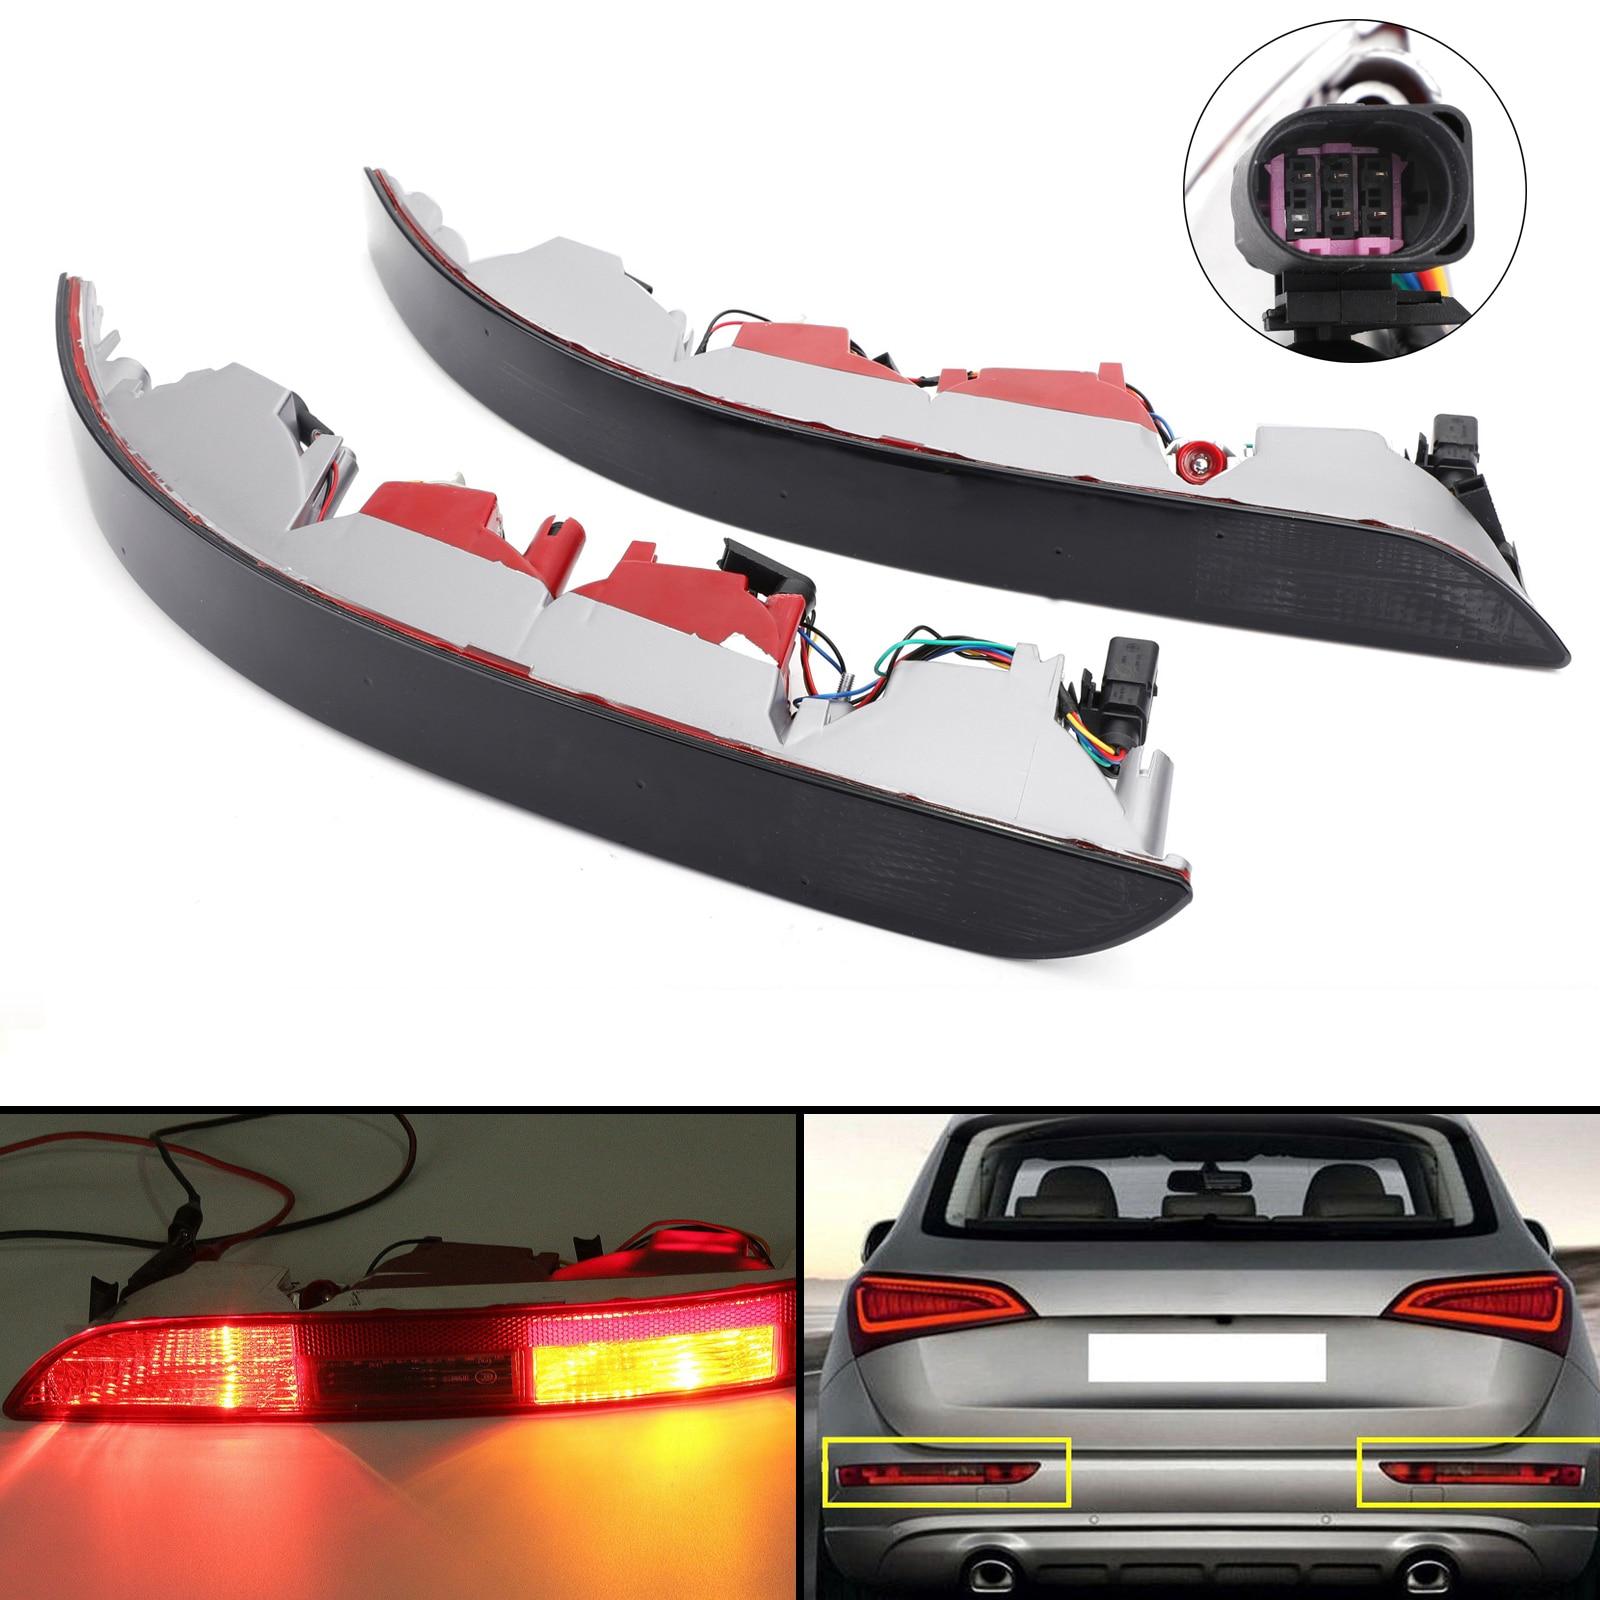 Areyourshop feu arrière arrière réflecteur de pare-chocs inférieur feu arrière pour AUDI Q5 2.0 T 09-16 pièce de voiture de feu arrière réflecteur de pare-chocs